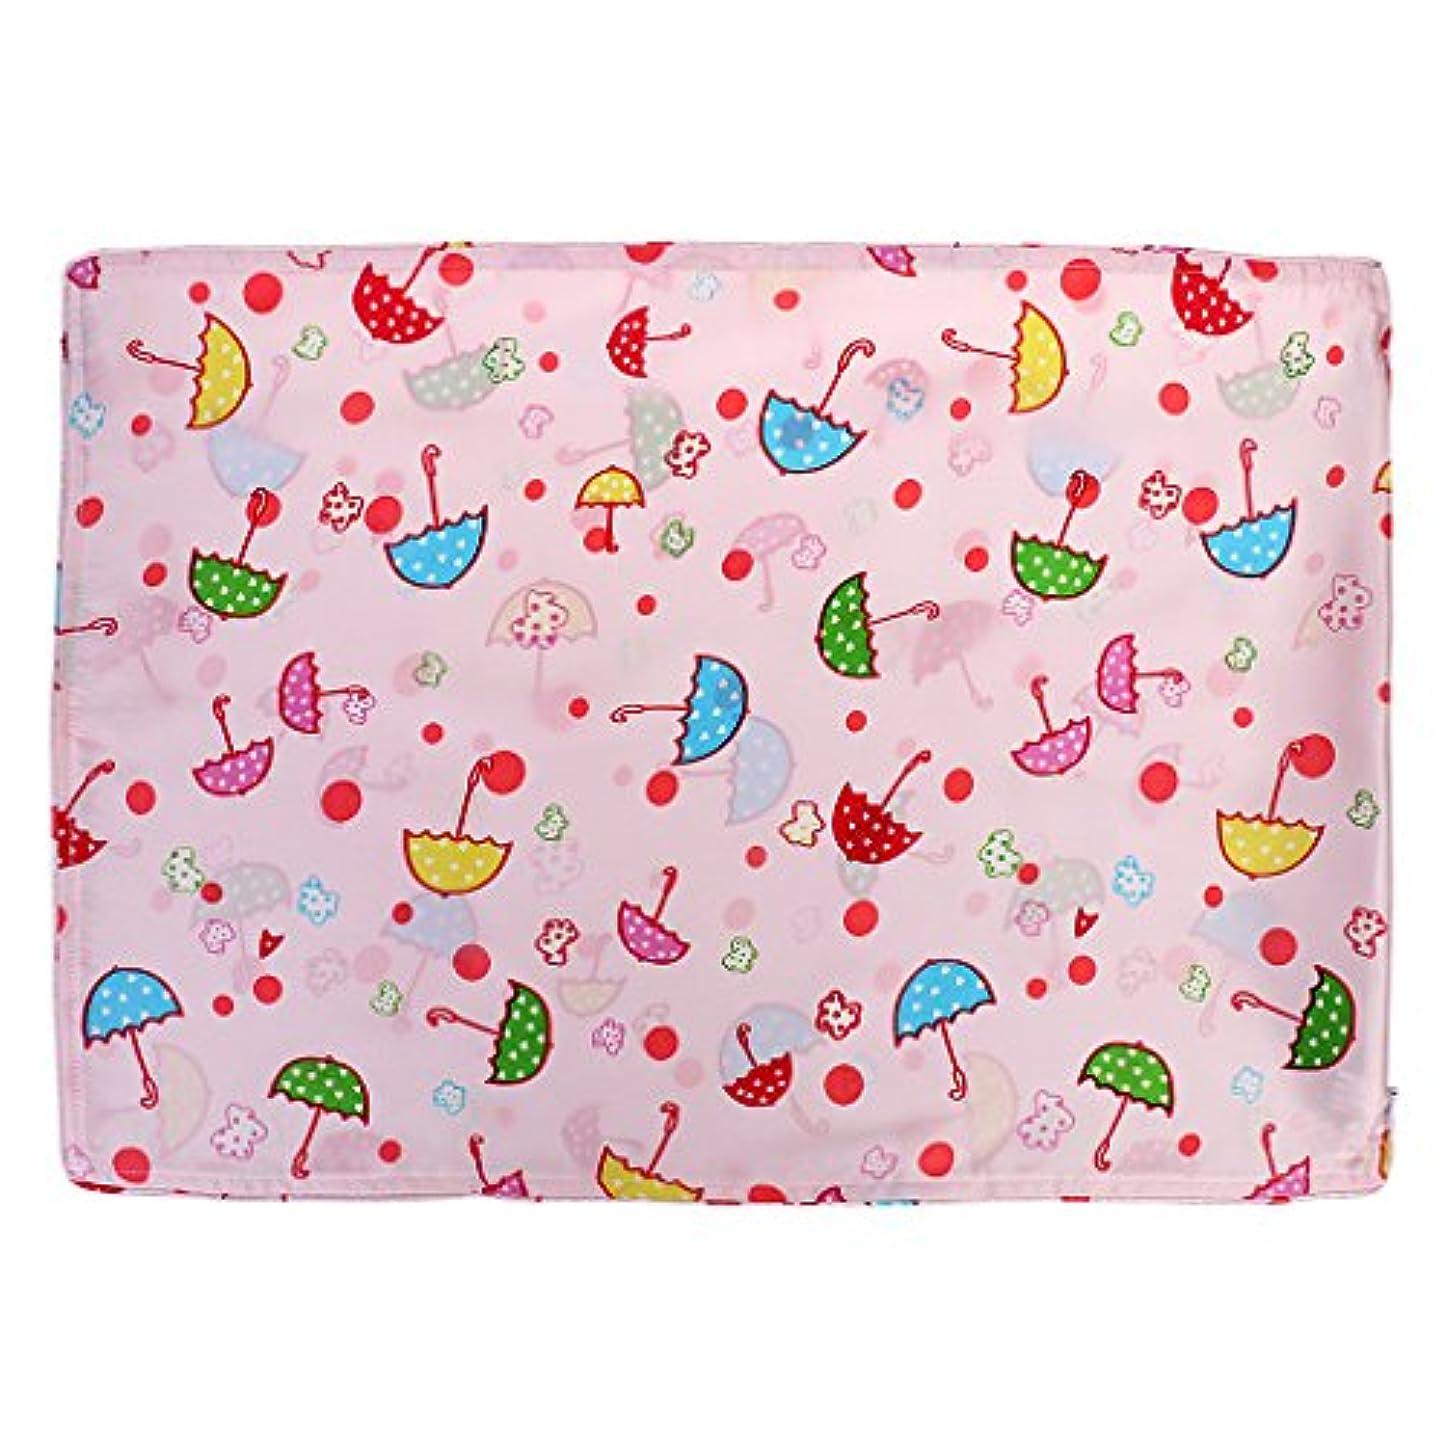 平衡社会科守るかわいいベビーキッズ100%シルクサテン両面枕カバー30 * 55センチメートル傘ピンク